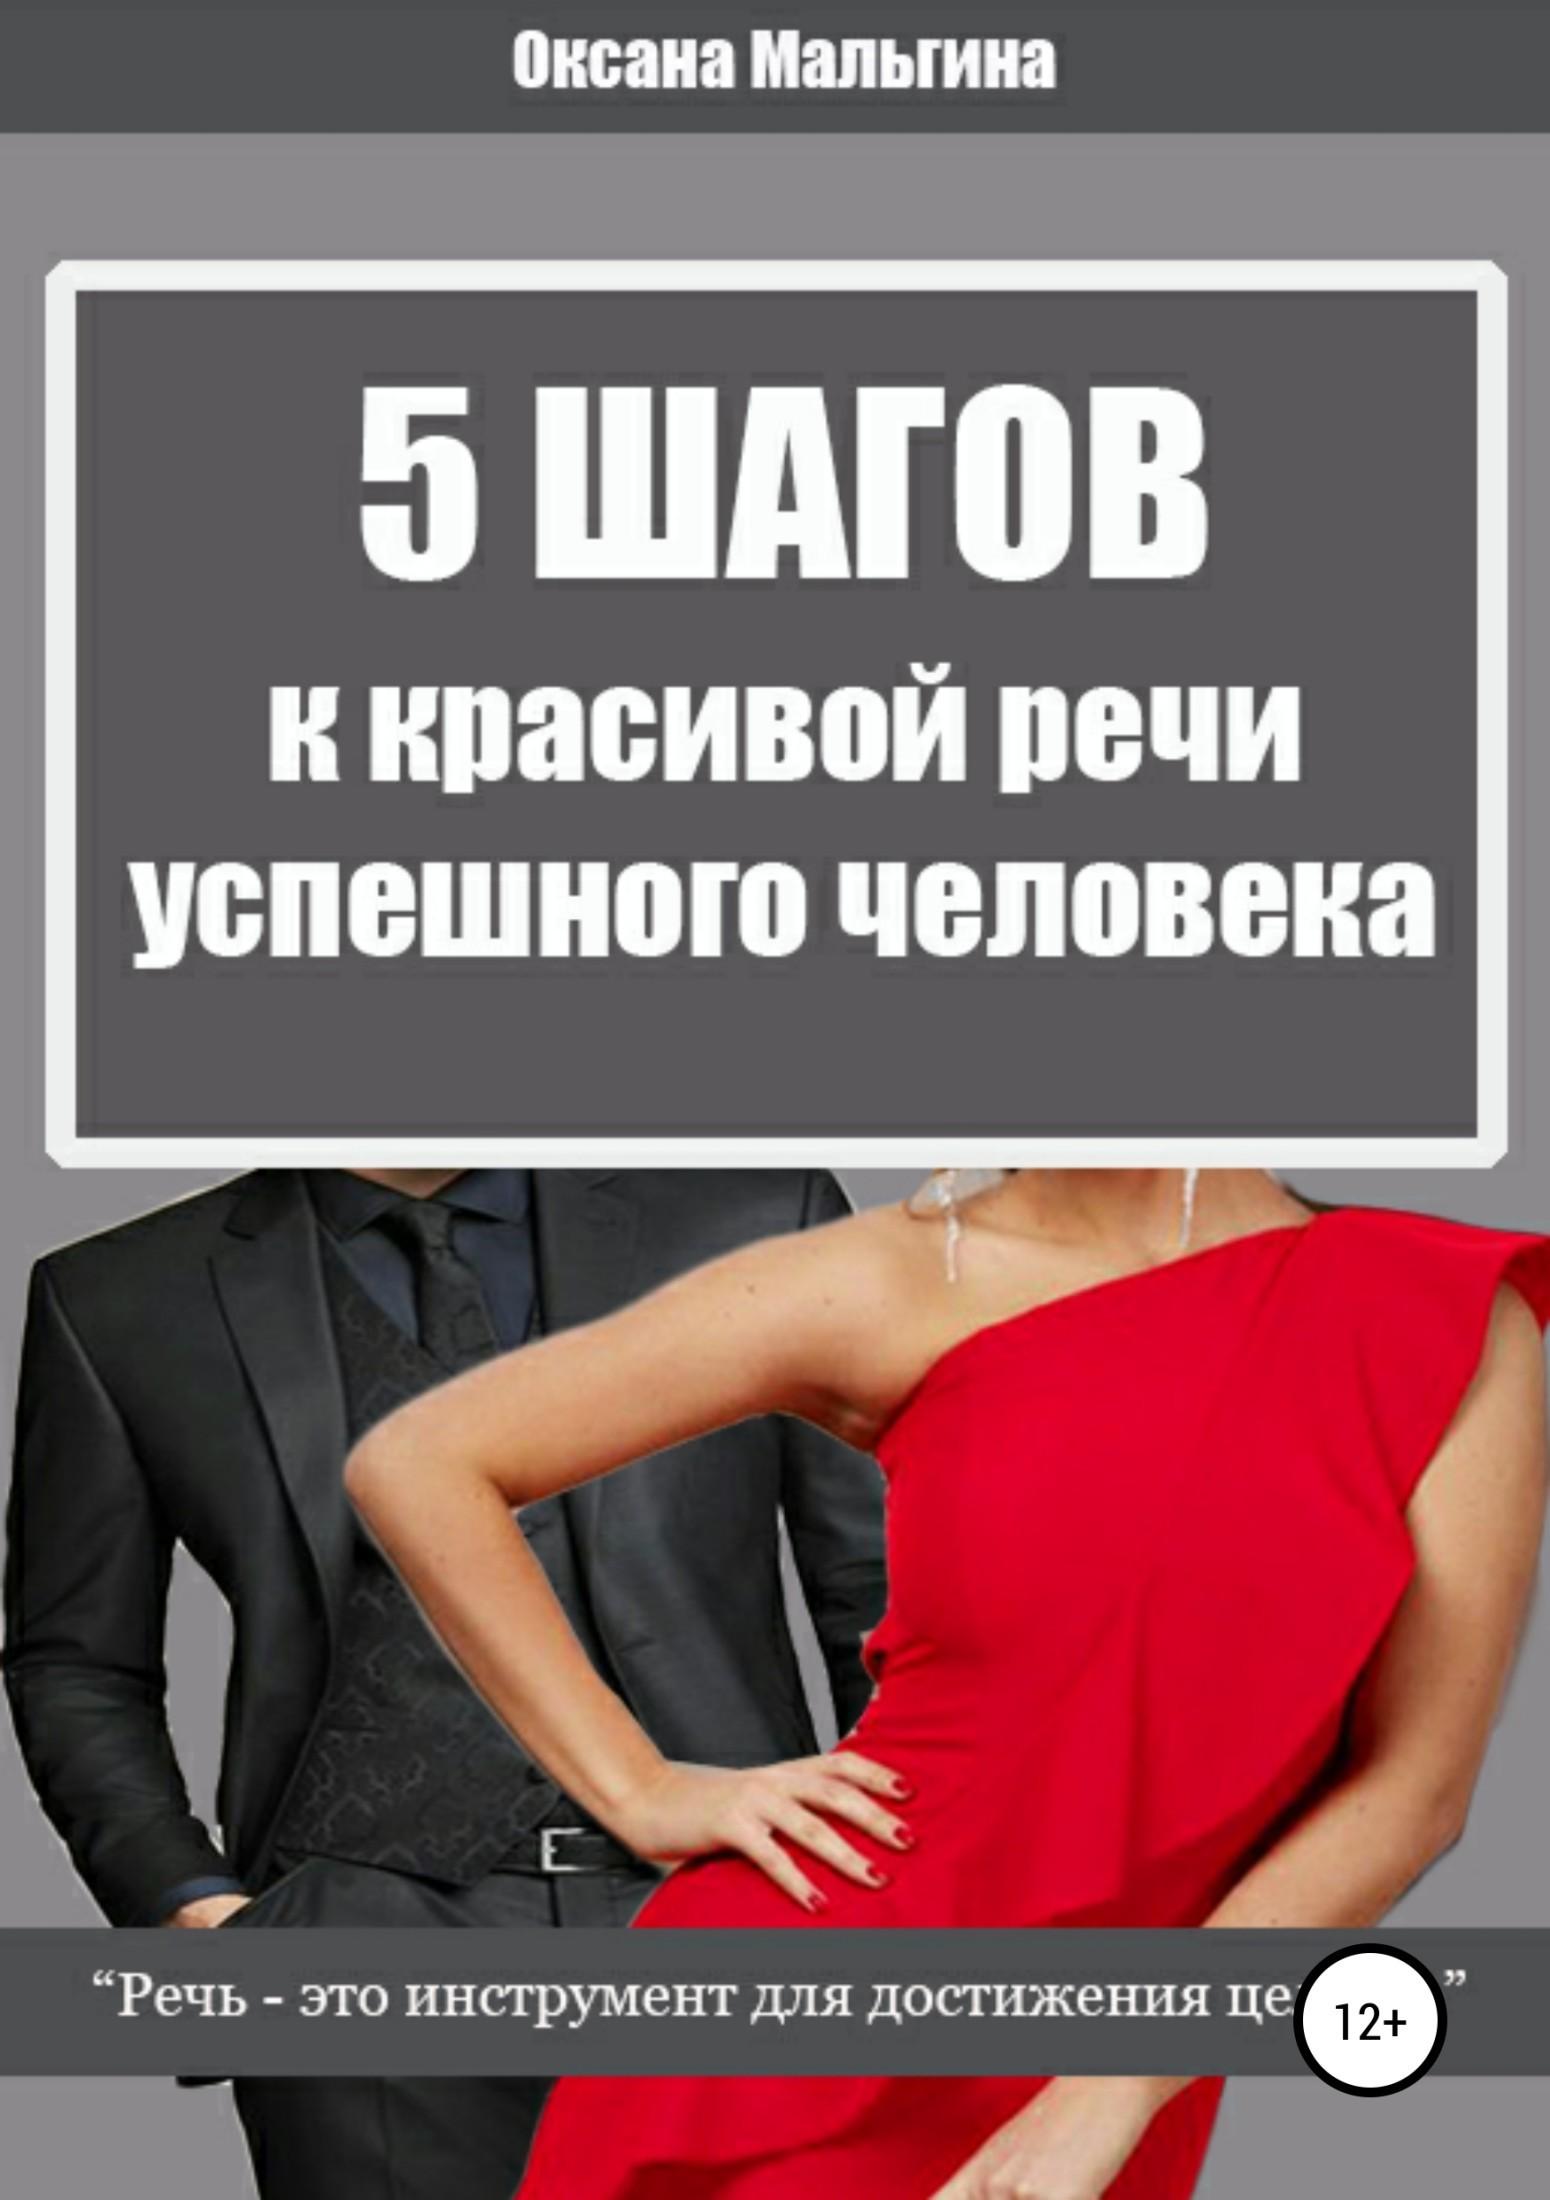 5 Шагов к красивой речи успешного человека